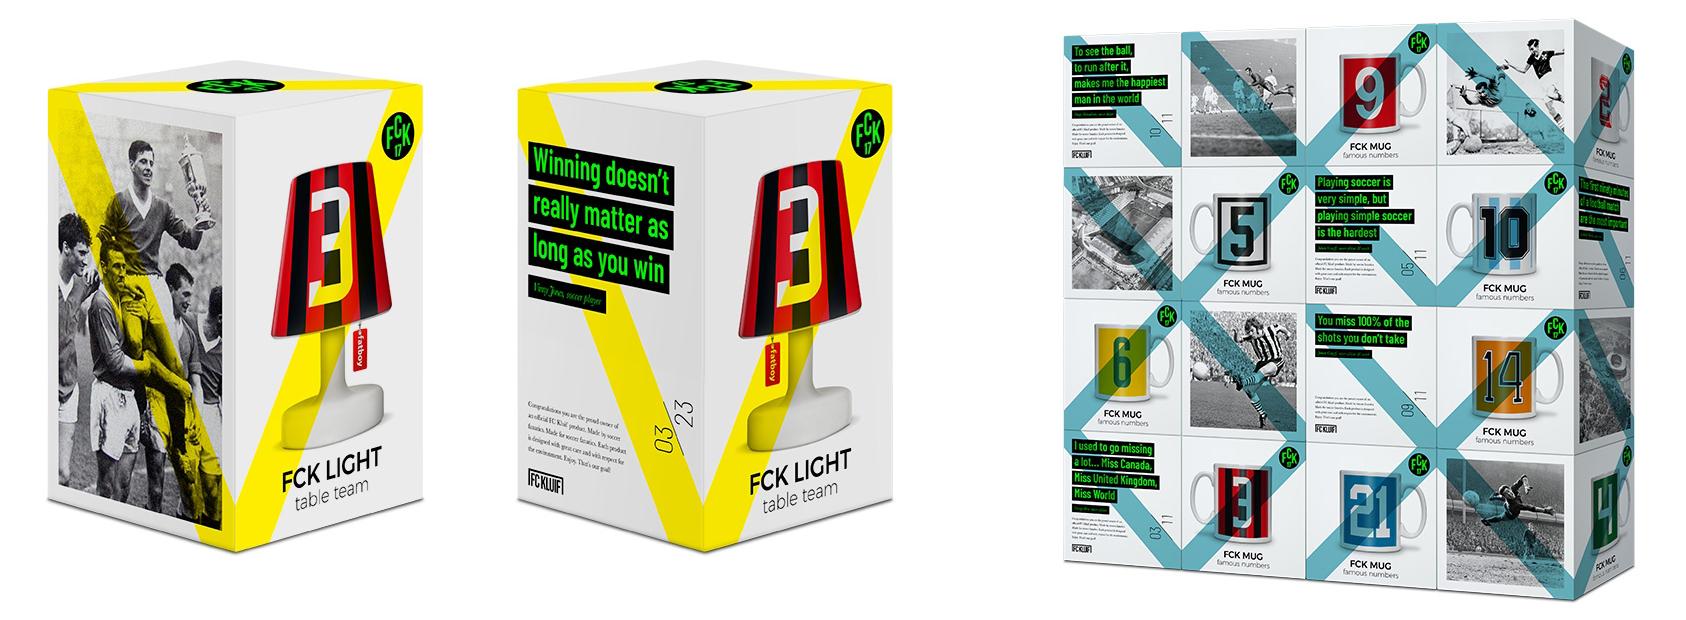 Packaging_11e14